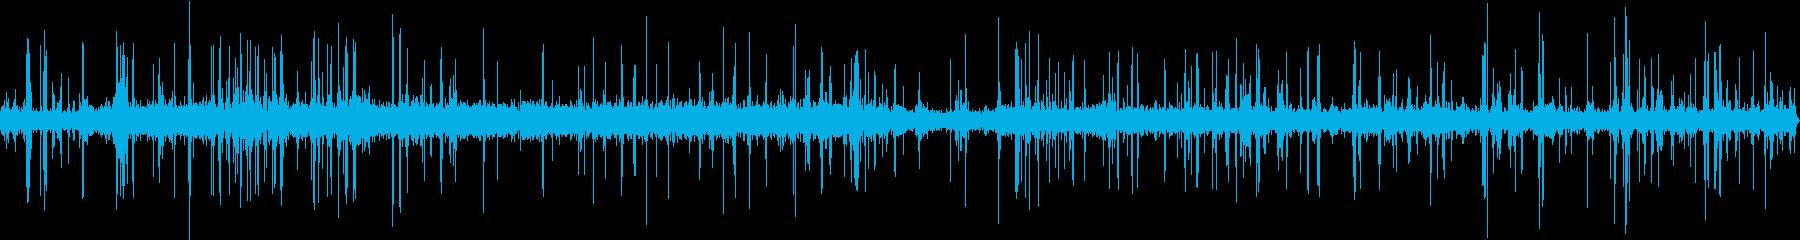 古典的なラジオの静的ノイズの再生済みの波形